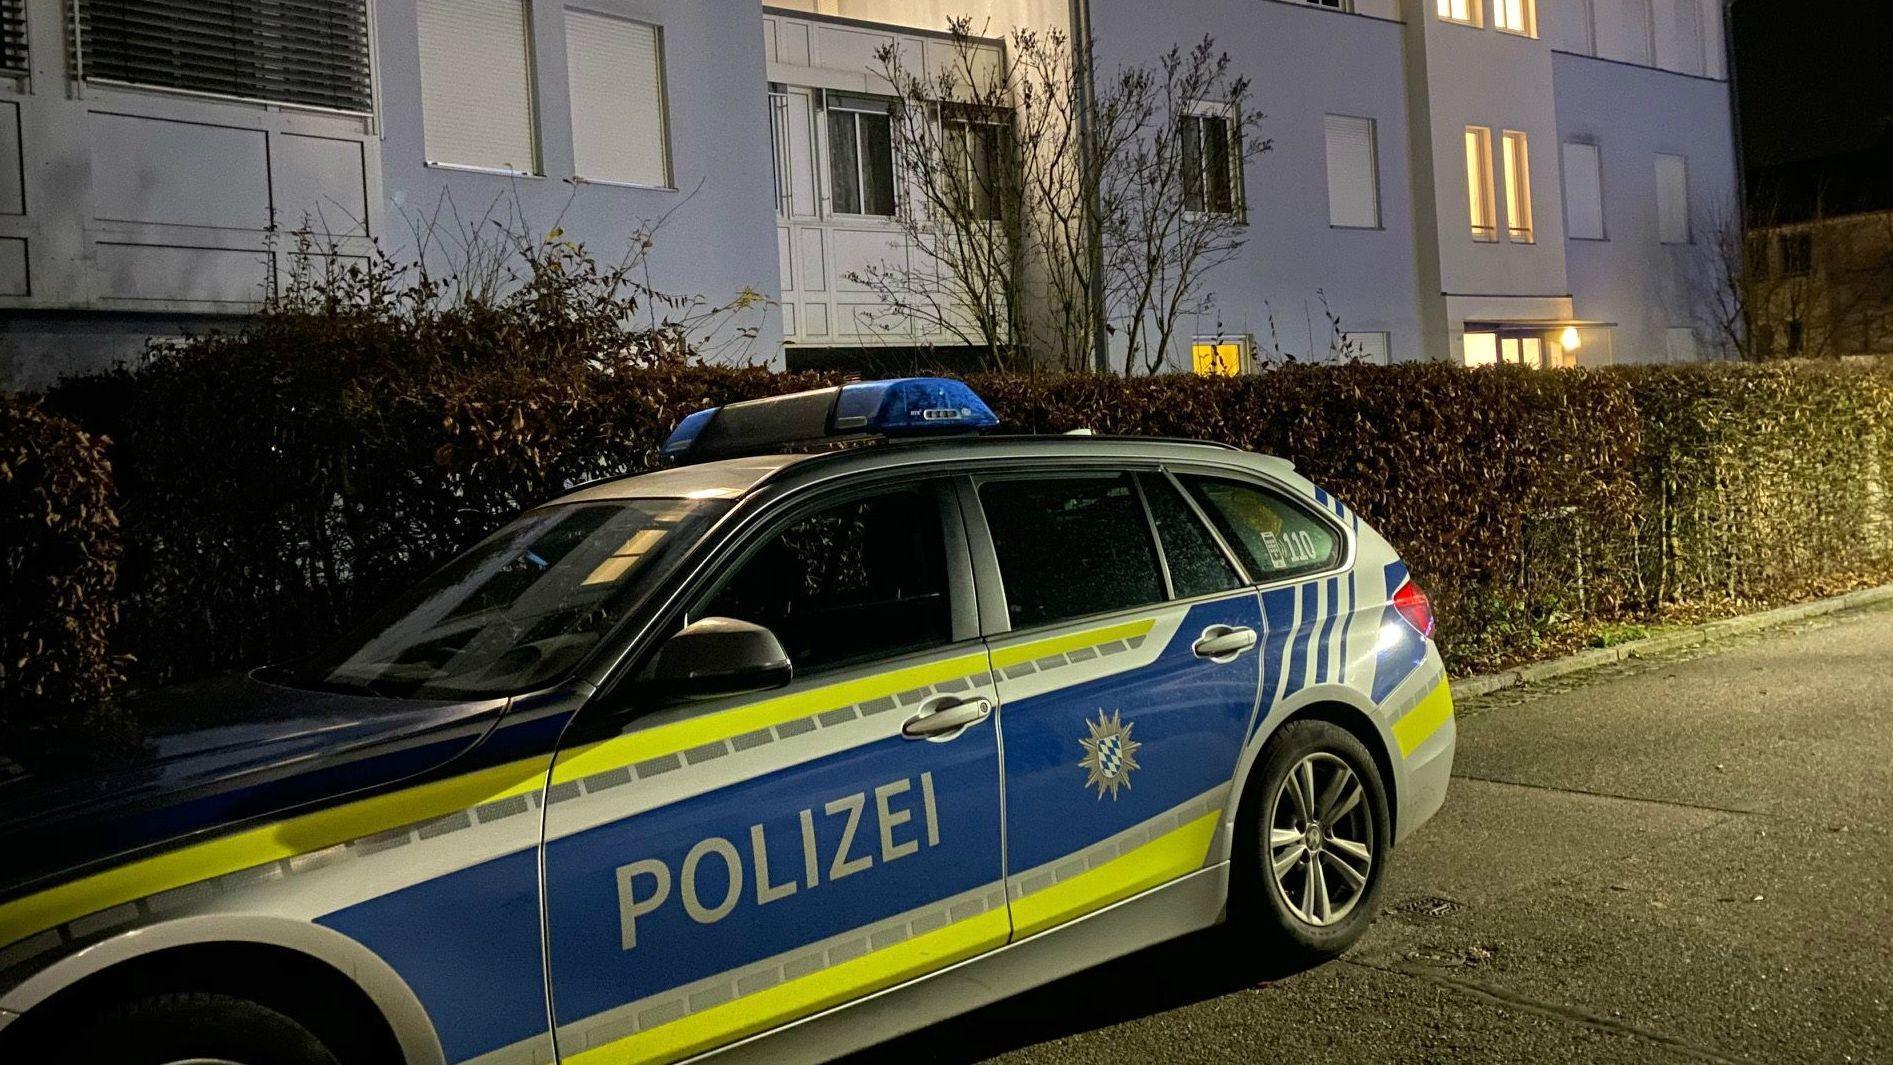 Einsatzfahrzeug der Polizei vor dem Gebäude, in dem die Tote entdeckt wurde